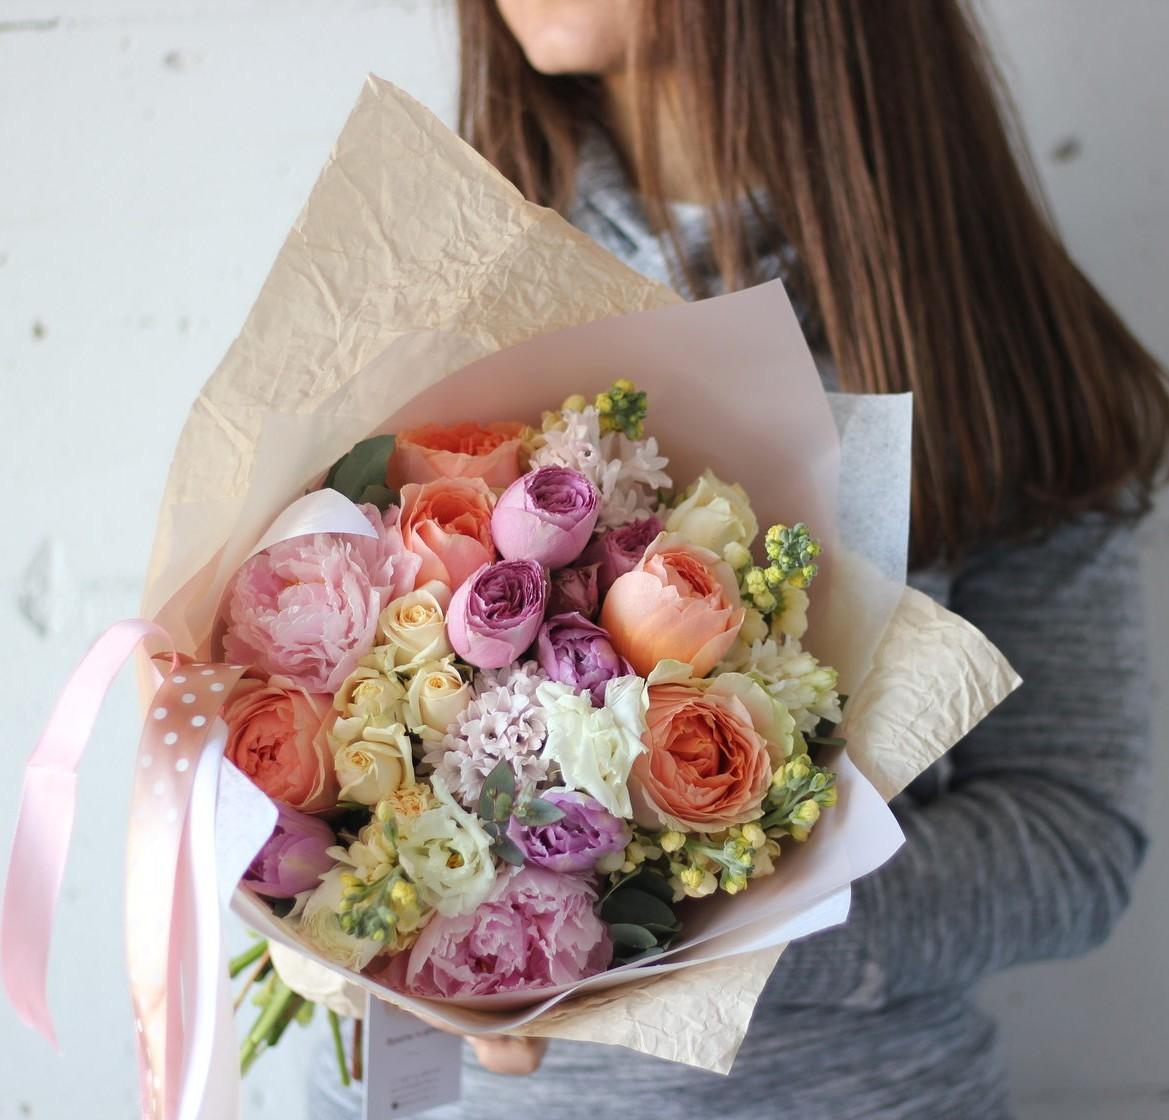 Кристина щербакова необычные букеты цветов, красивый свадебный букет